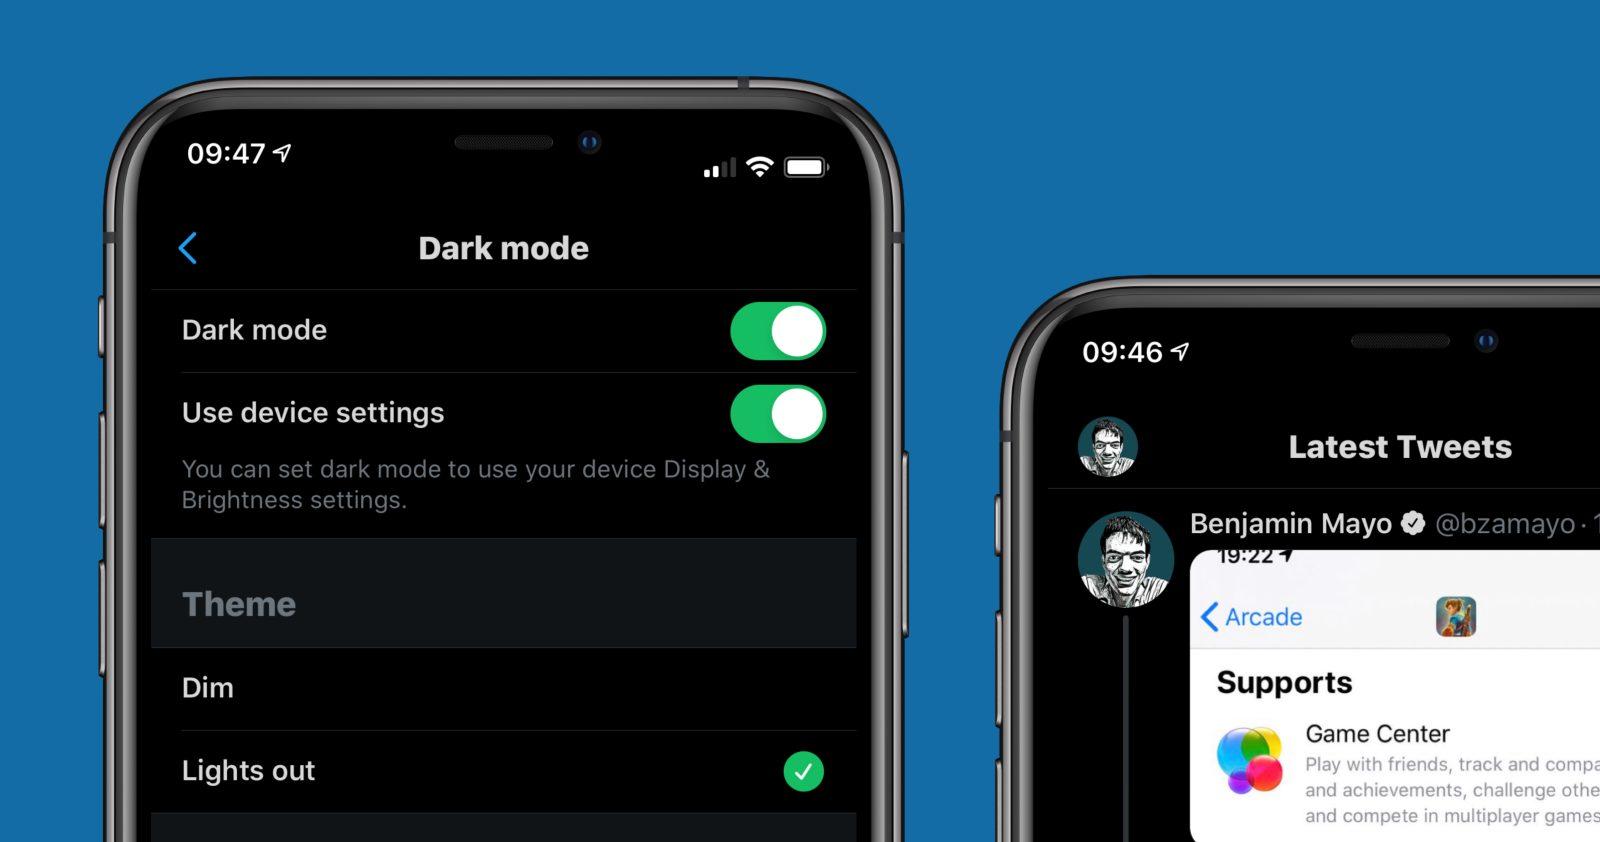 De ce e dark mode atât de popular și cât de mult te ajută, de fapt